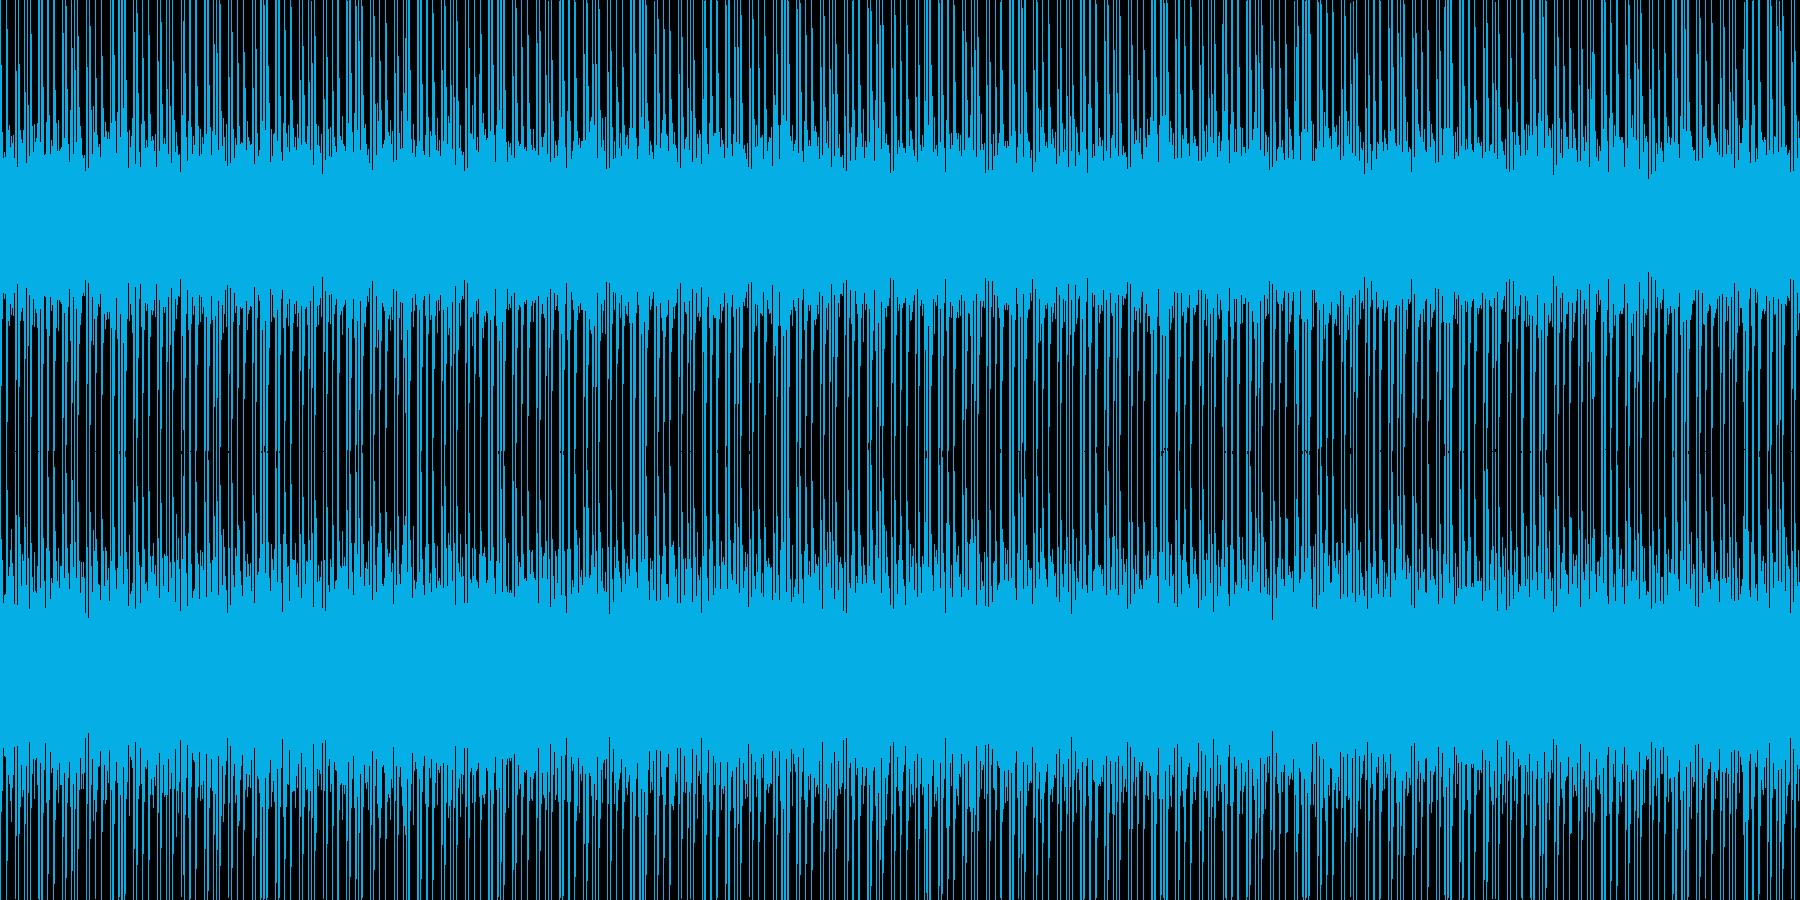 サイバーシティの再生済みの波形